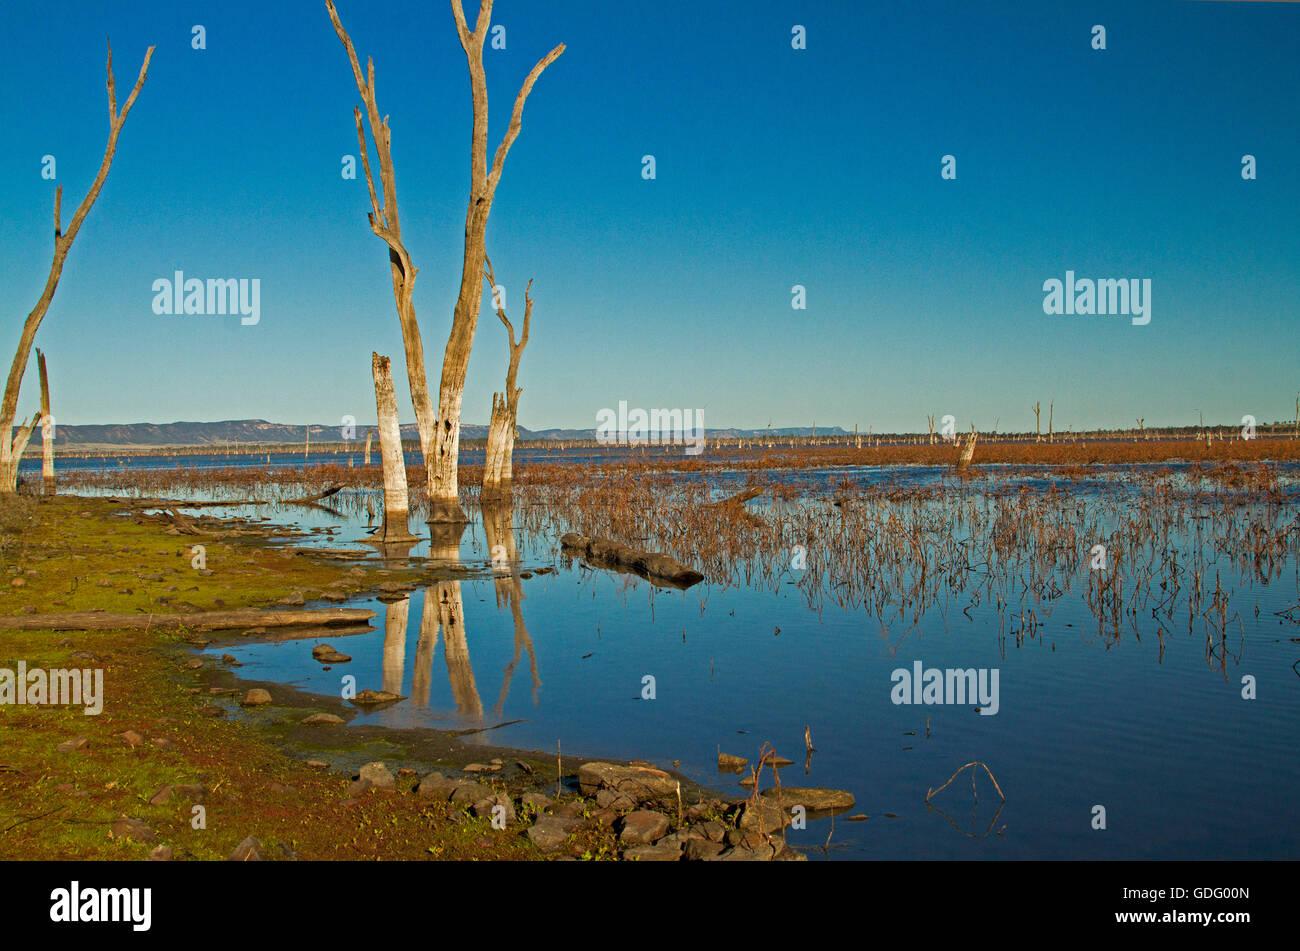 Vasto calme acque blu del lago Nuga Nuga con gli alberi morti si riflette in superficie a specchio sotto il cielo Foto Stock